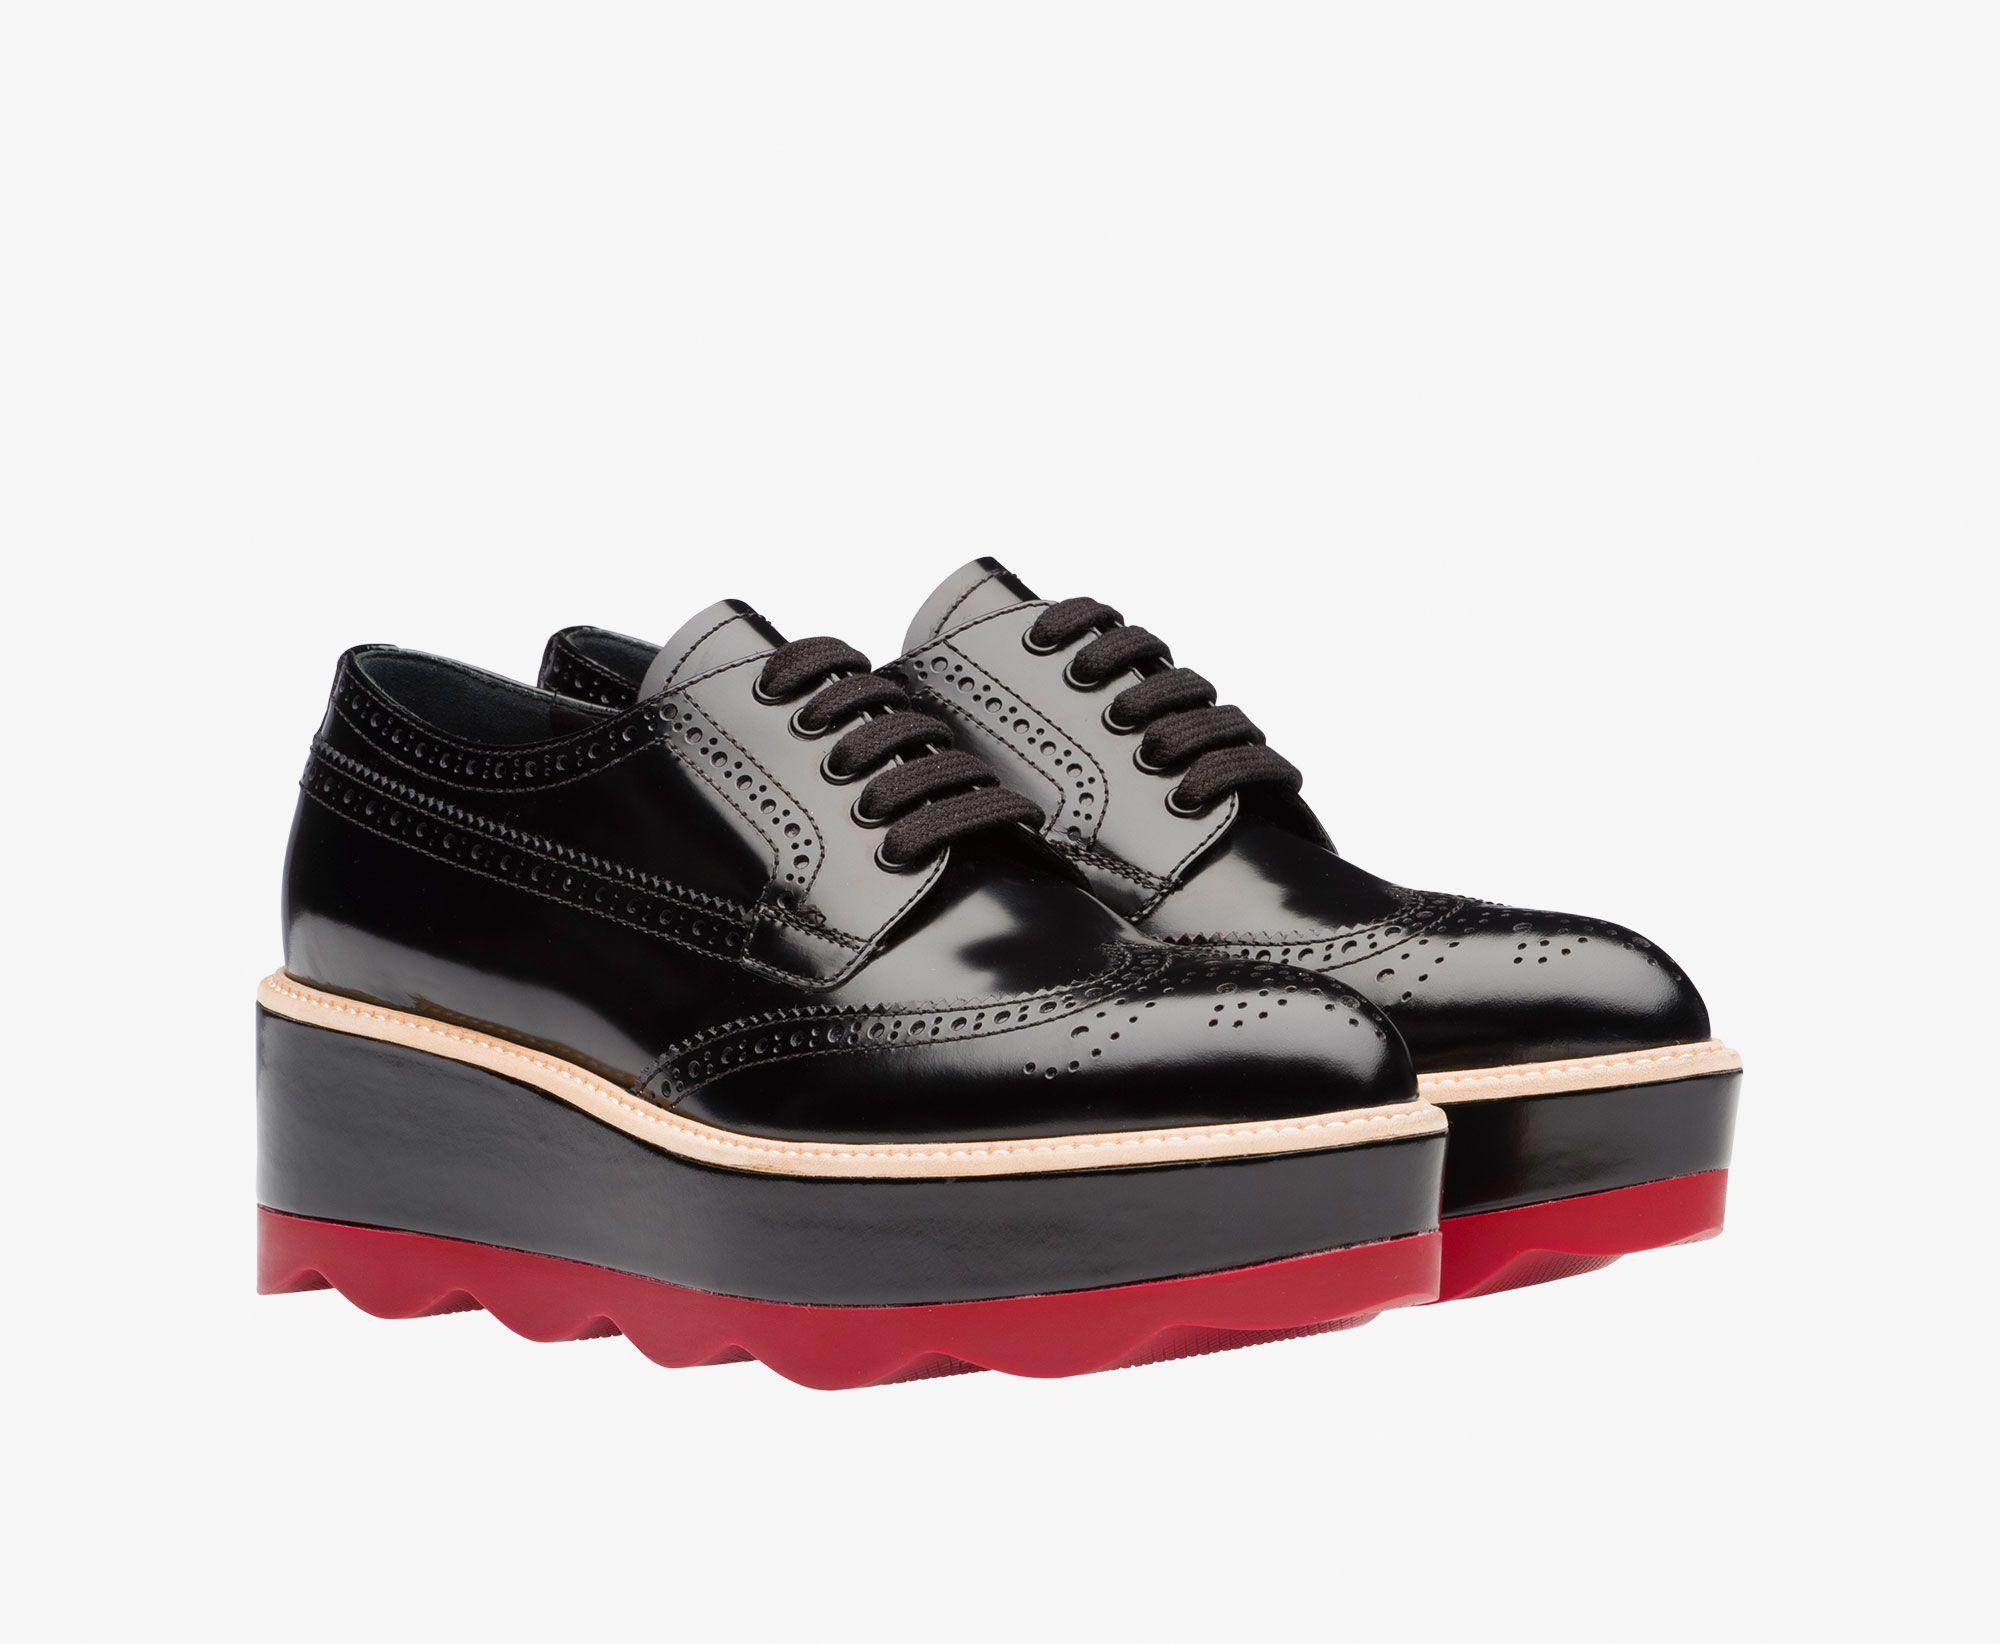 Cuir Chaussures Oxford Avec Des Détails En Tissu Printemps / Été Prada 6nVIWKlhu9